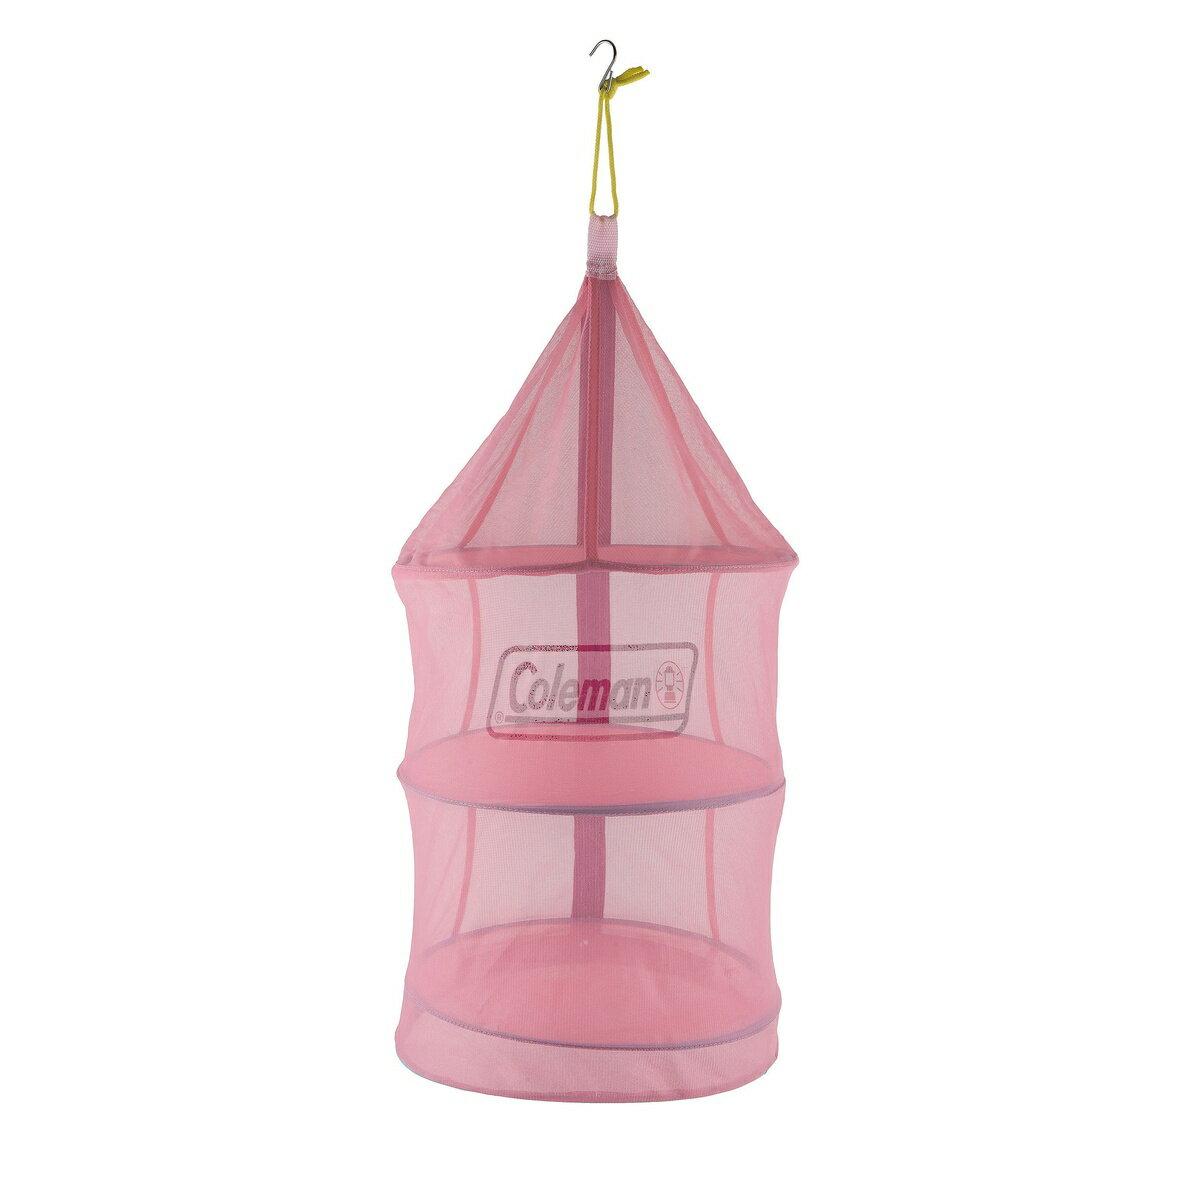 ● COLEMAN (コールマン) キャンプ用品 テーブルウェアアクセサリー ハンギングドライネットII(ピンク) 2000026812